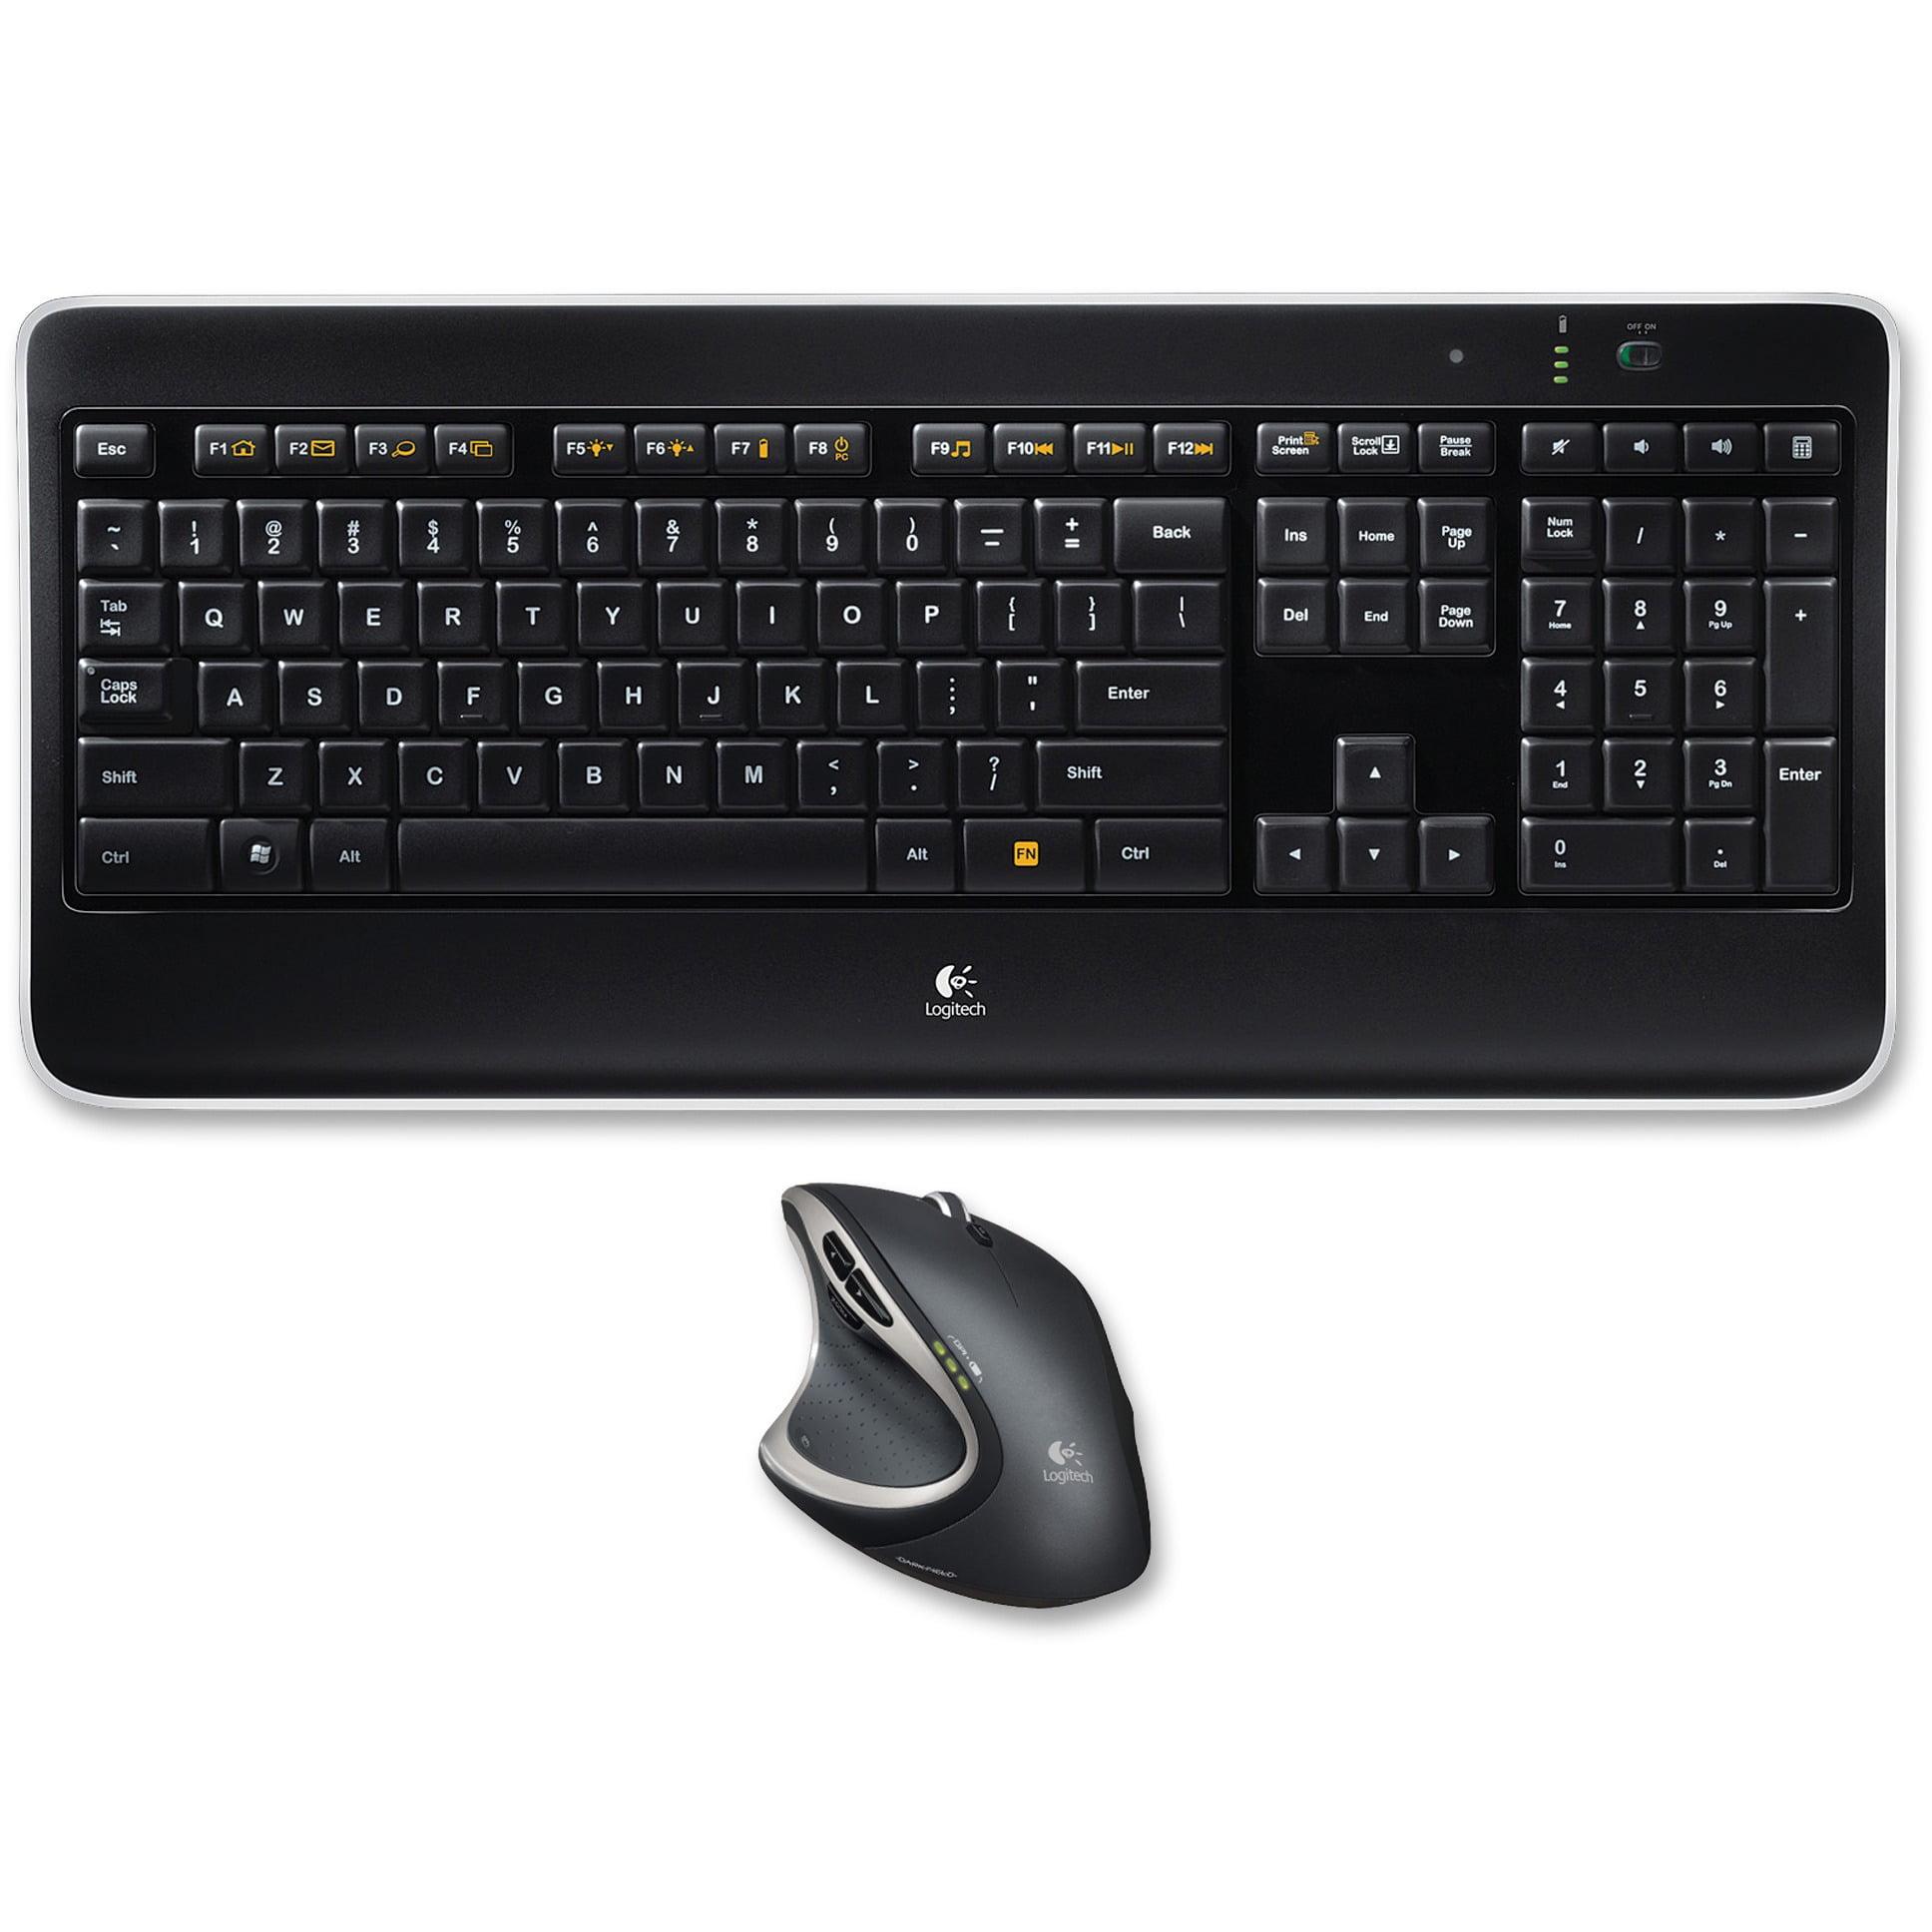 Logitech, LOG920006237, MX800 Combo Wireless Keyboard/Mouse, 1